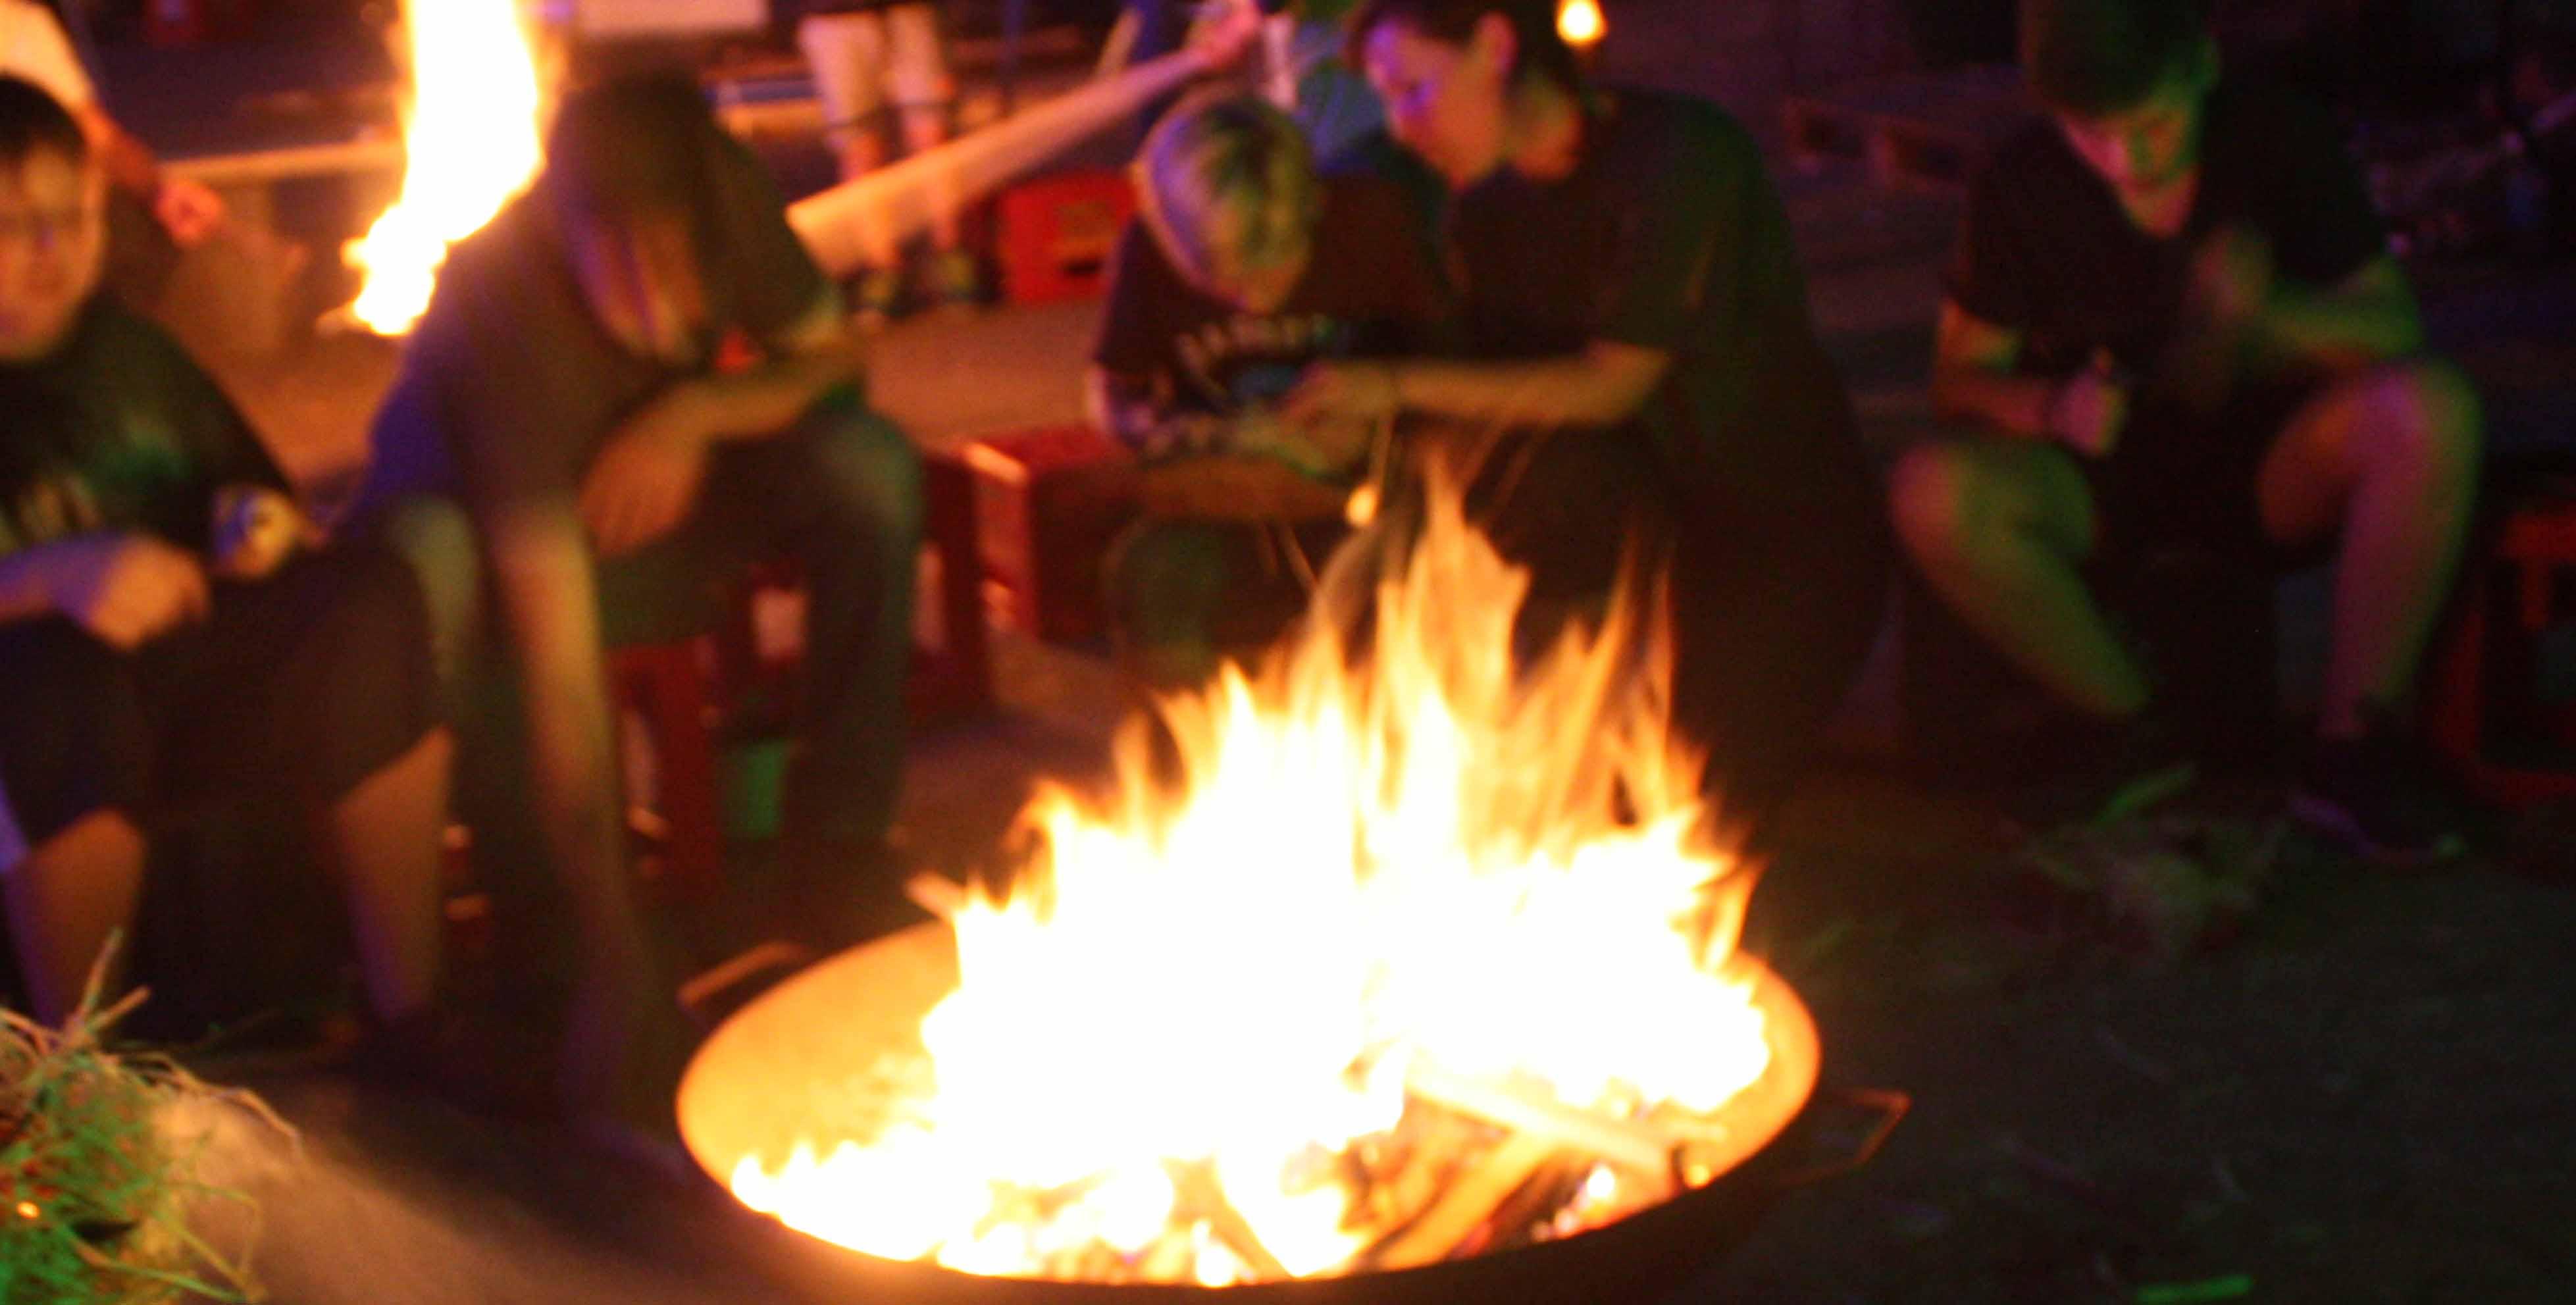 Feuermachen|Geburtstag